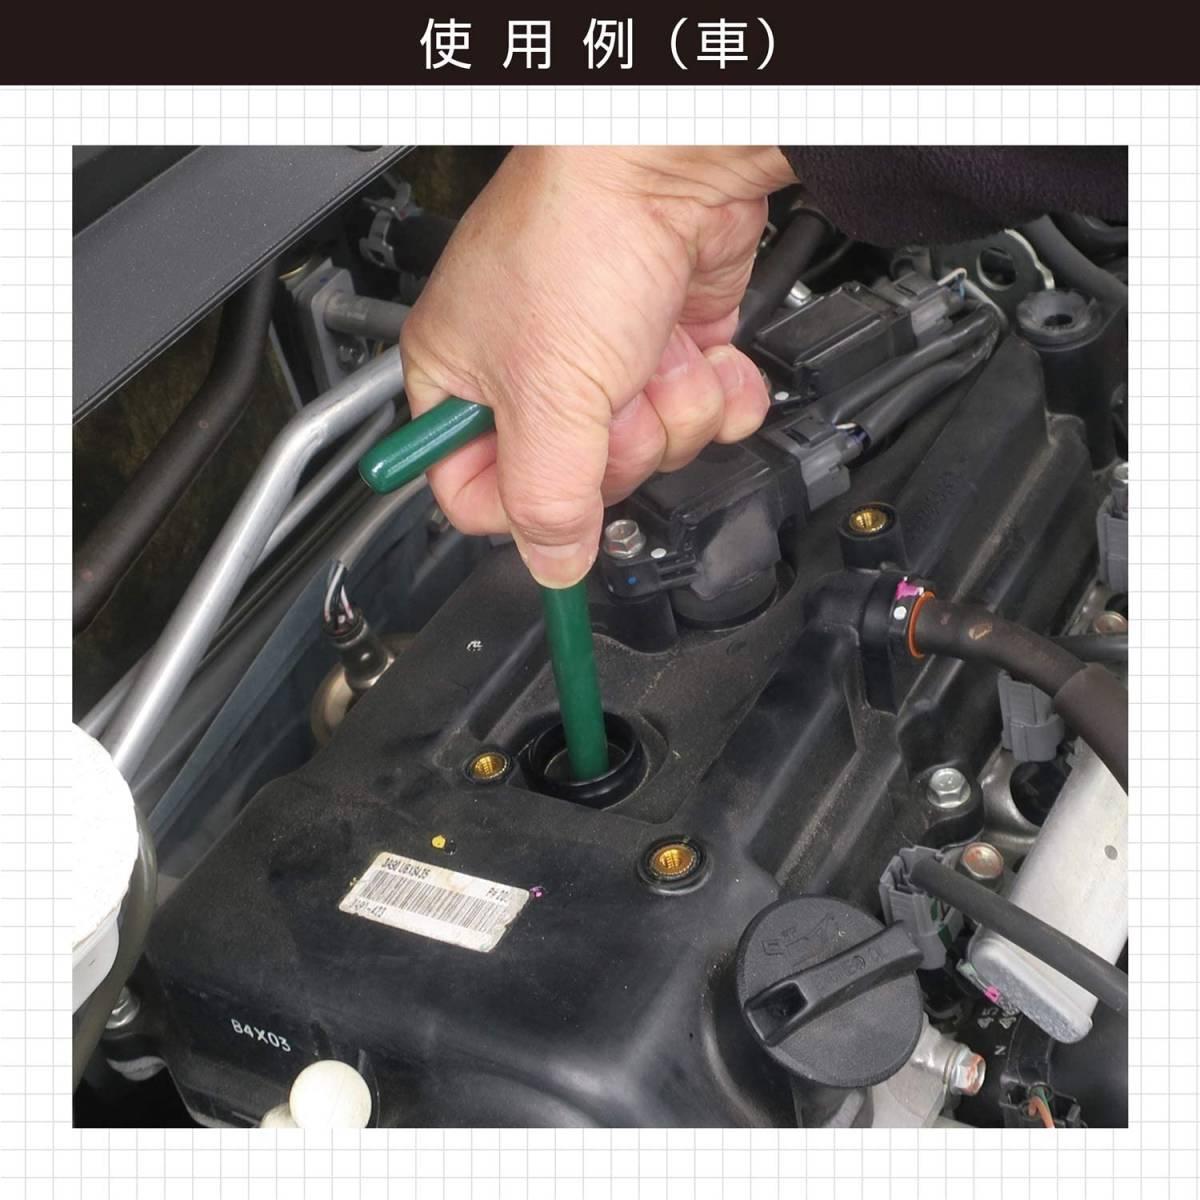 新品_【Amazon.co.jp 限定】エーモン プラグレンチ 16mm ユニバーサルタイプ (K35)_画像4